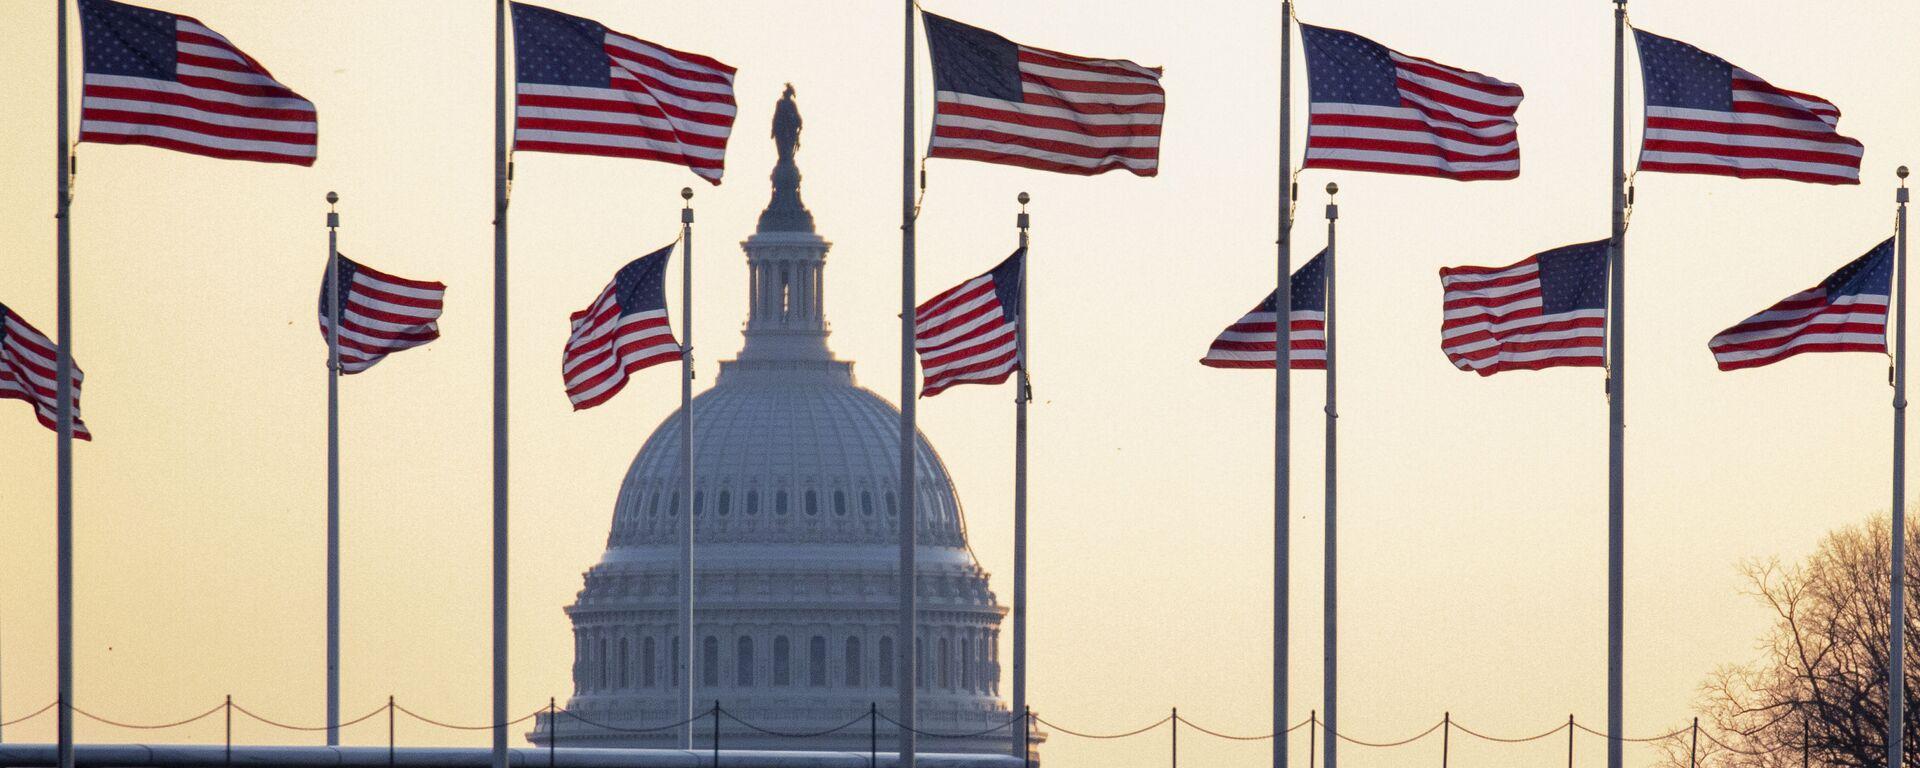 Cờ Mỹ trên nền của Điện Capitol ở Washington, Mỹ - Sputnik Việt Nam, 1920, 17.03.2021